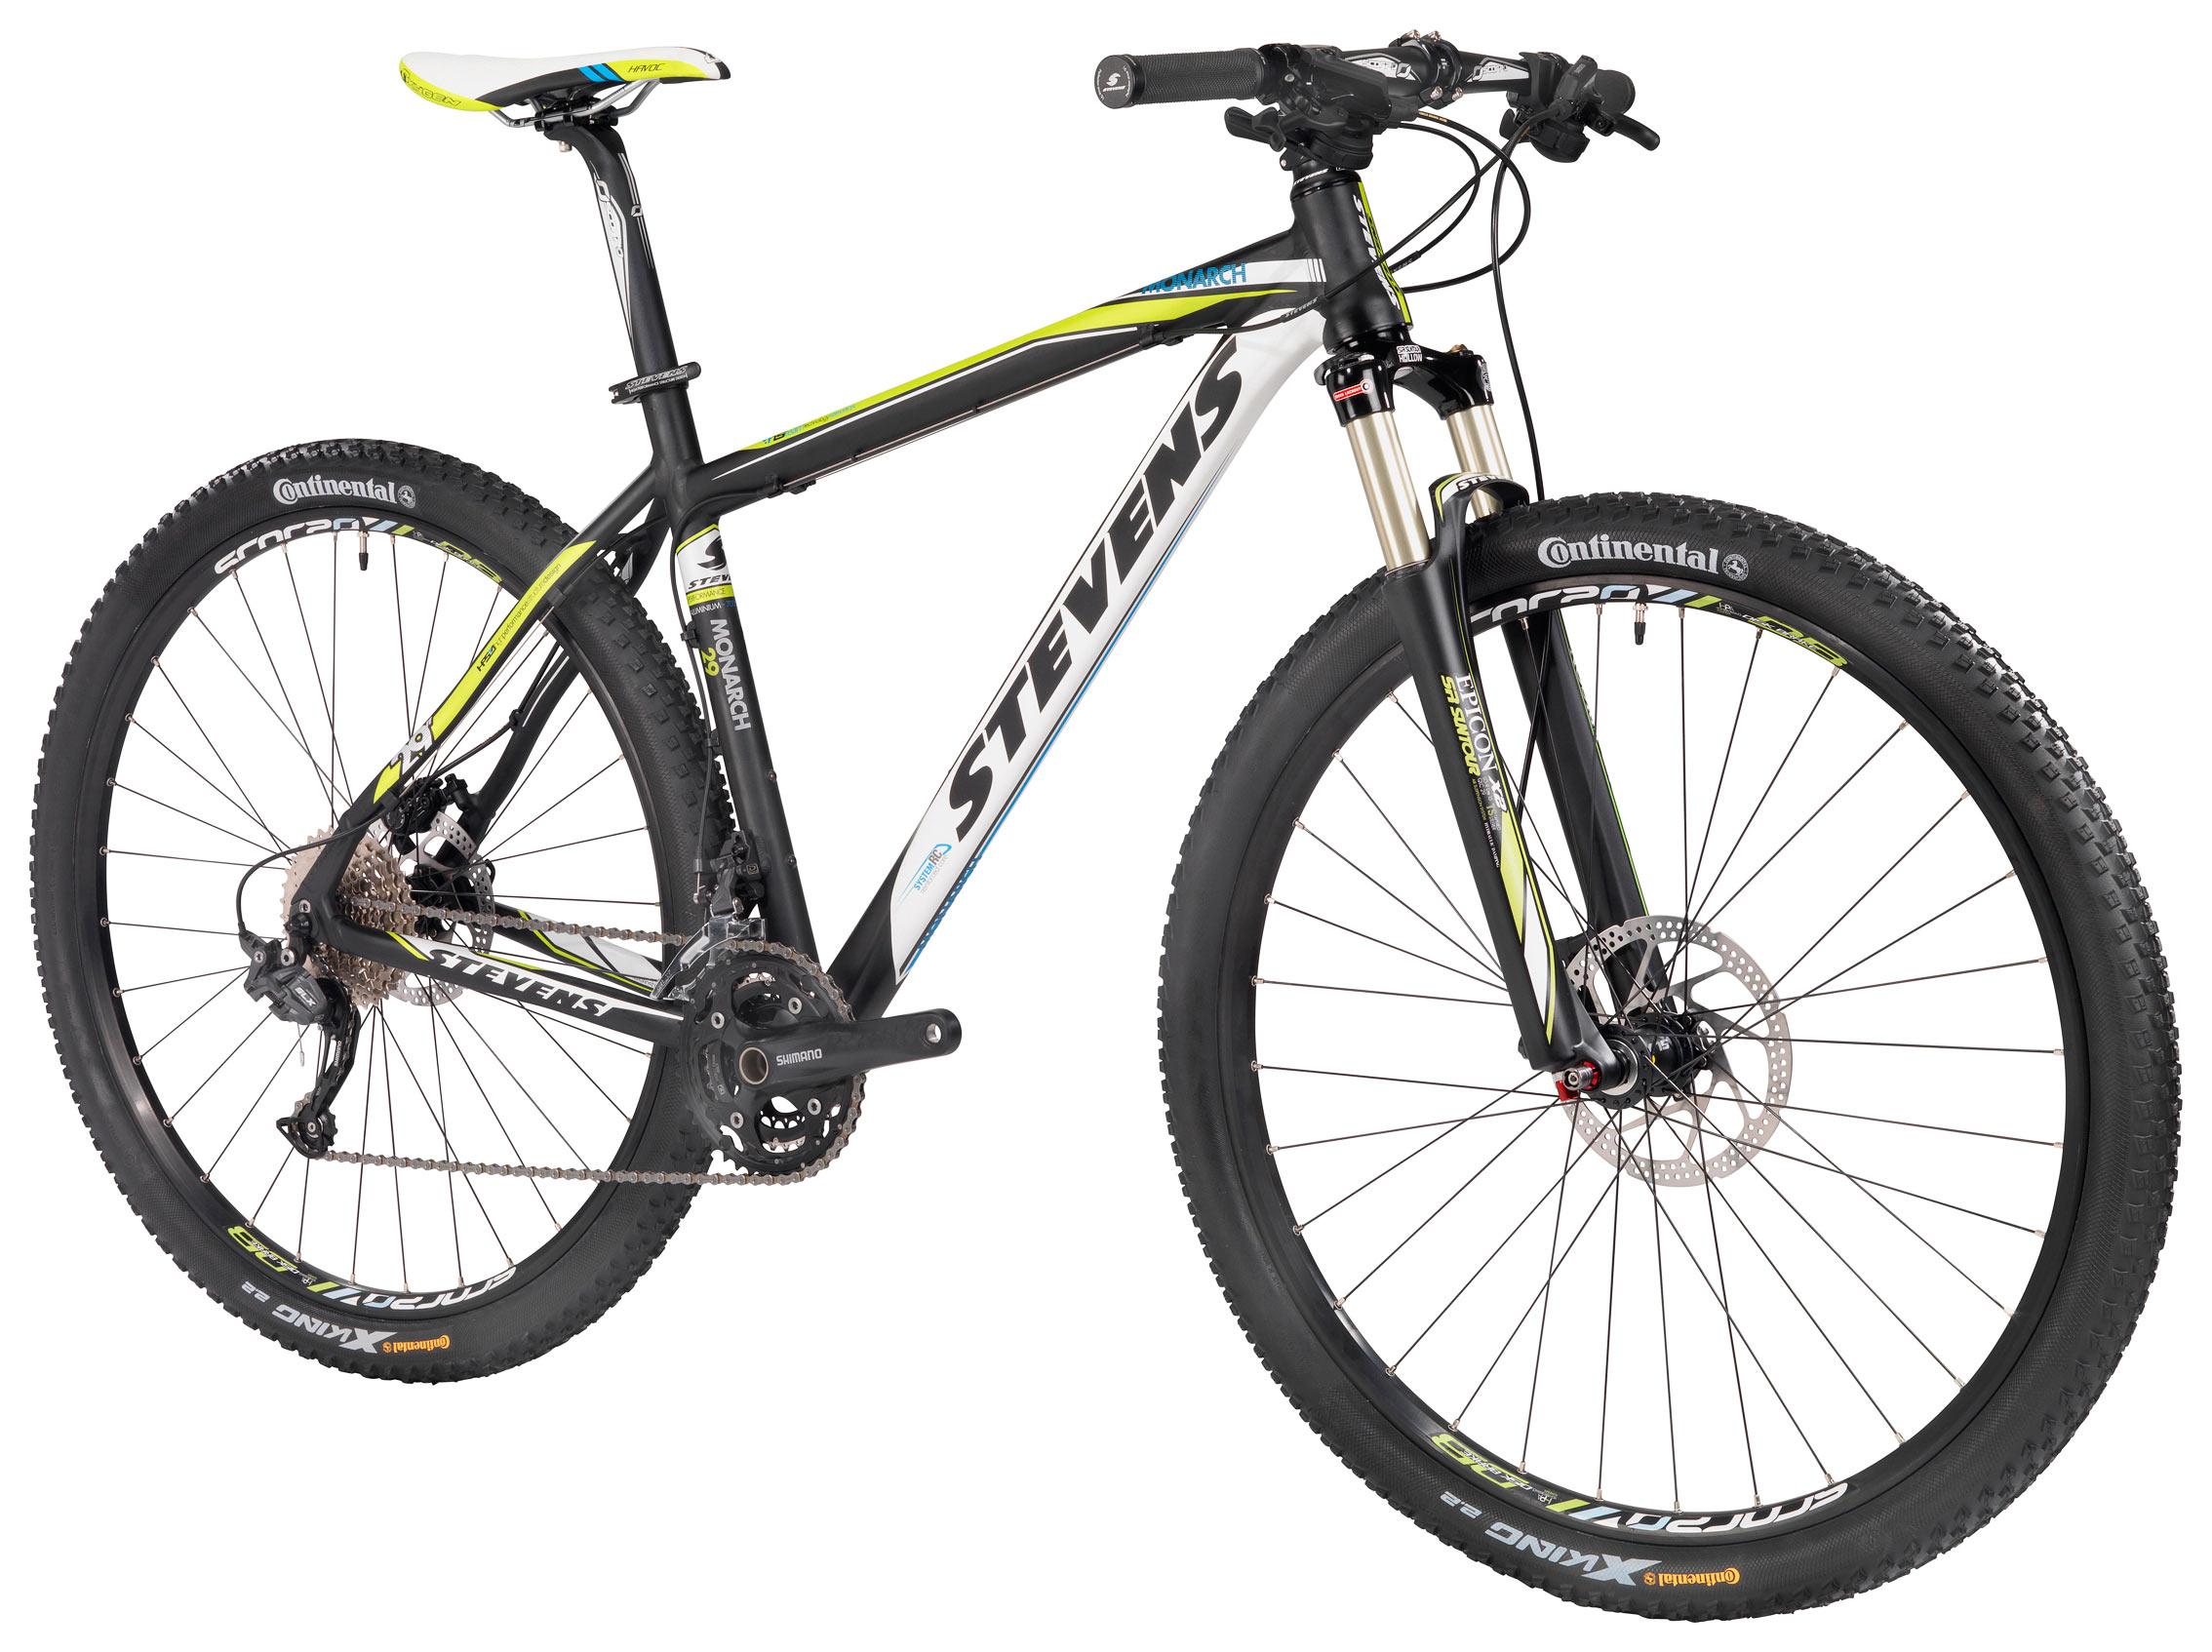 [AYUDA] Me estoy planteando comprarme una bicicleta, me ayudais?